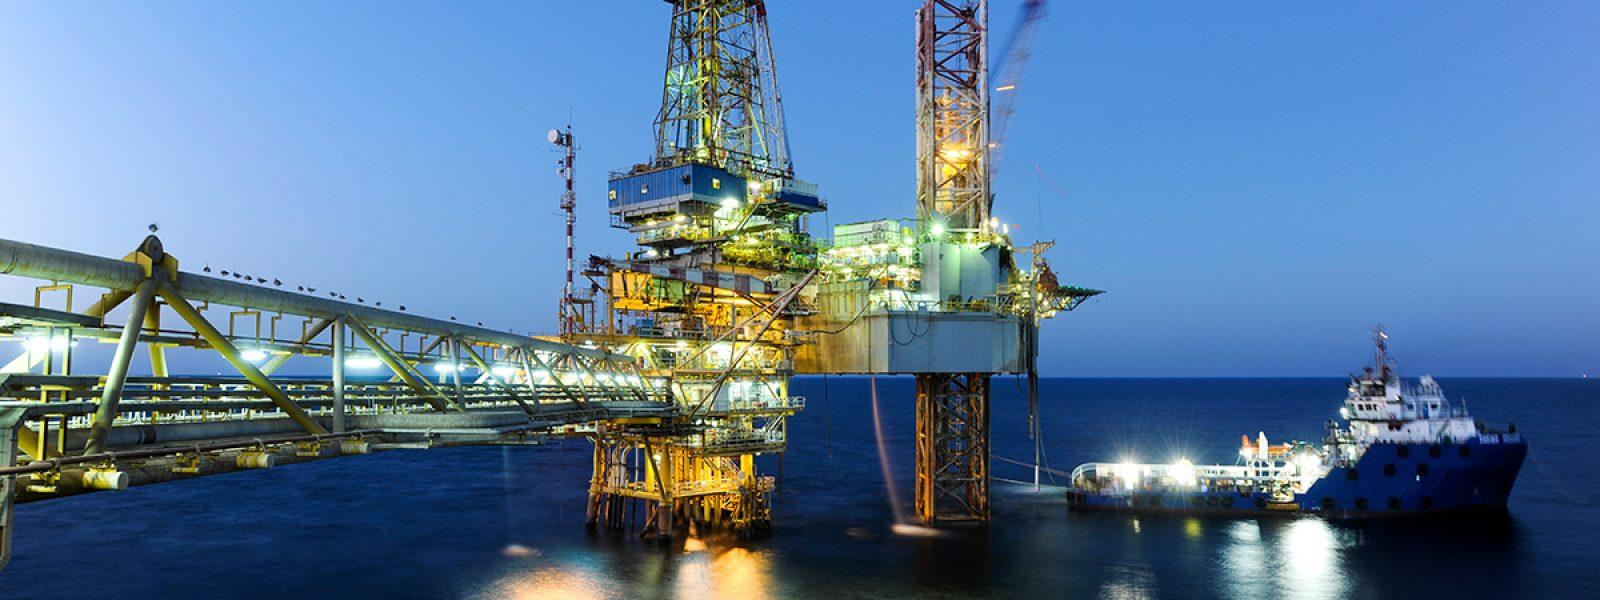 ◉سيستم مديريت كيفيت :ISO 9001 2008◉سيستم مديريت زيست محيطي :ISO  14001 : 2004◉سيستم مديريت ايمني و بهداشت شغلي :OHSAS 18001 : 2007